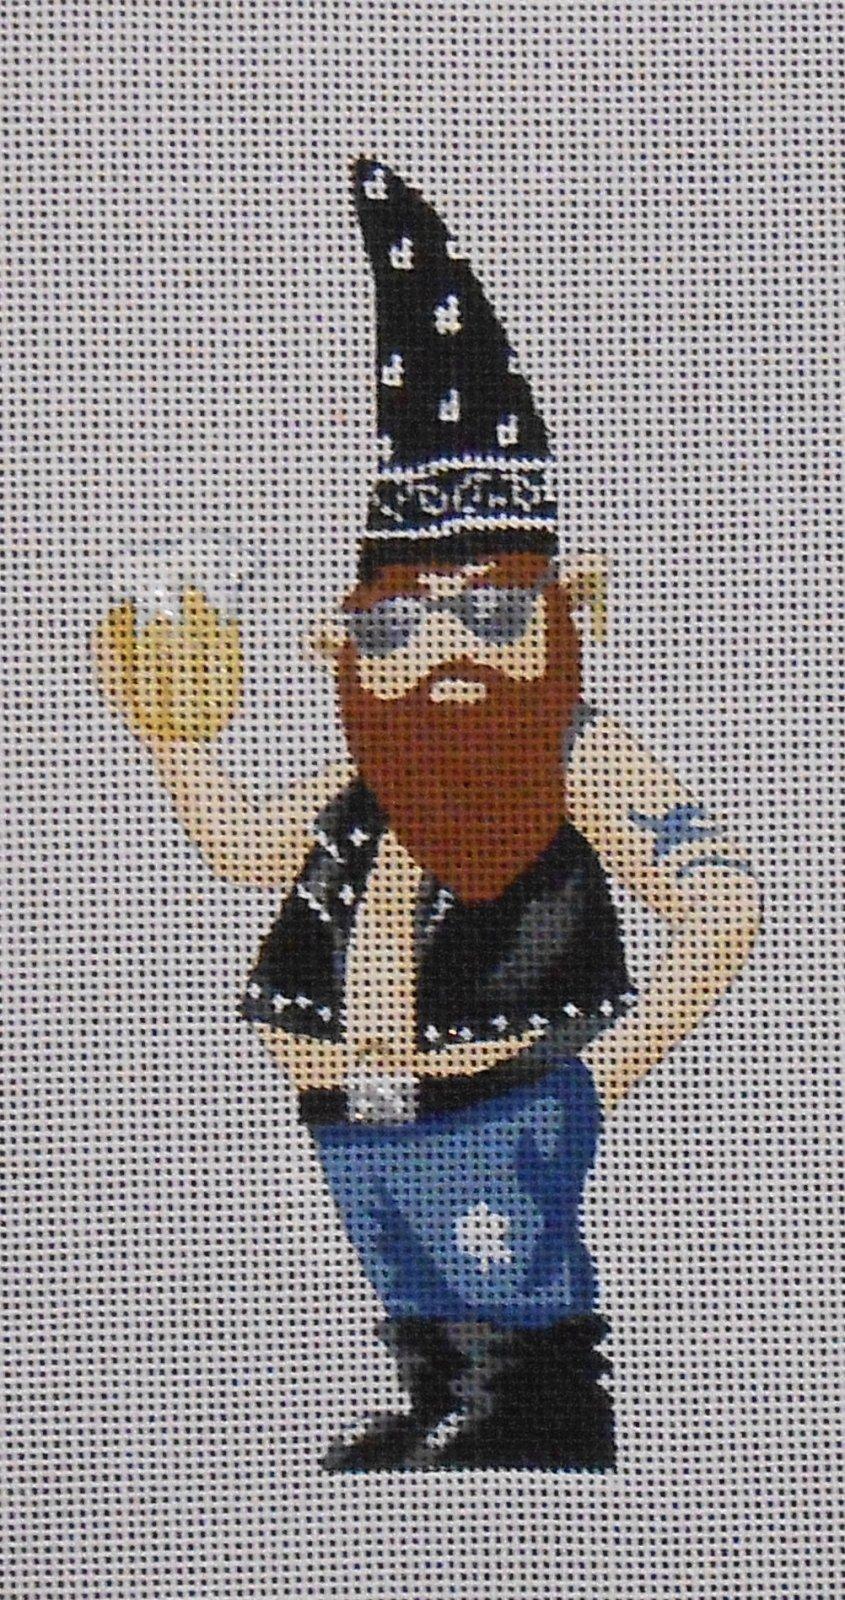 Bud the Biker Gnome